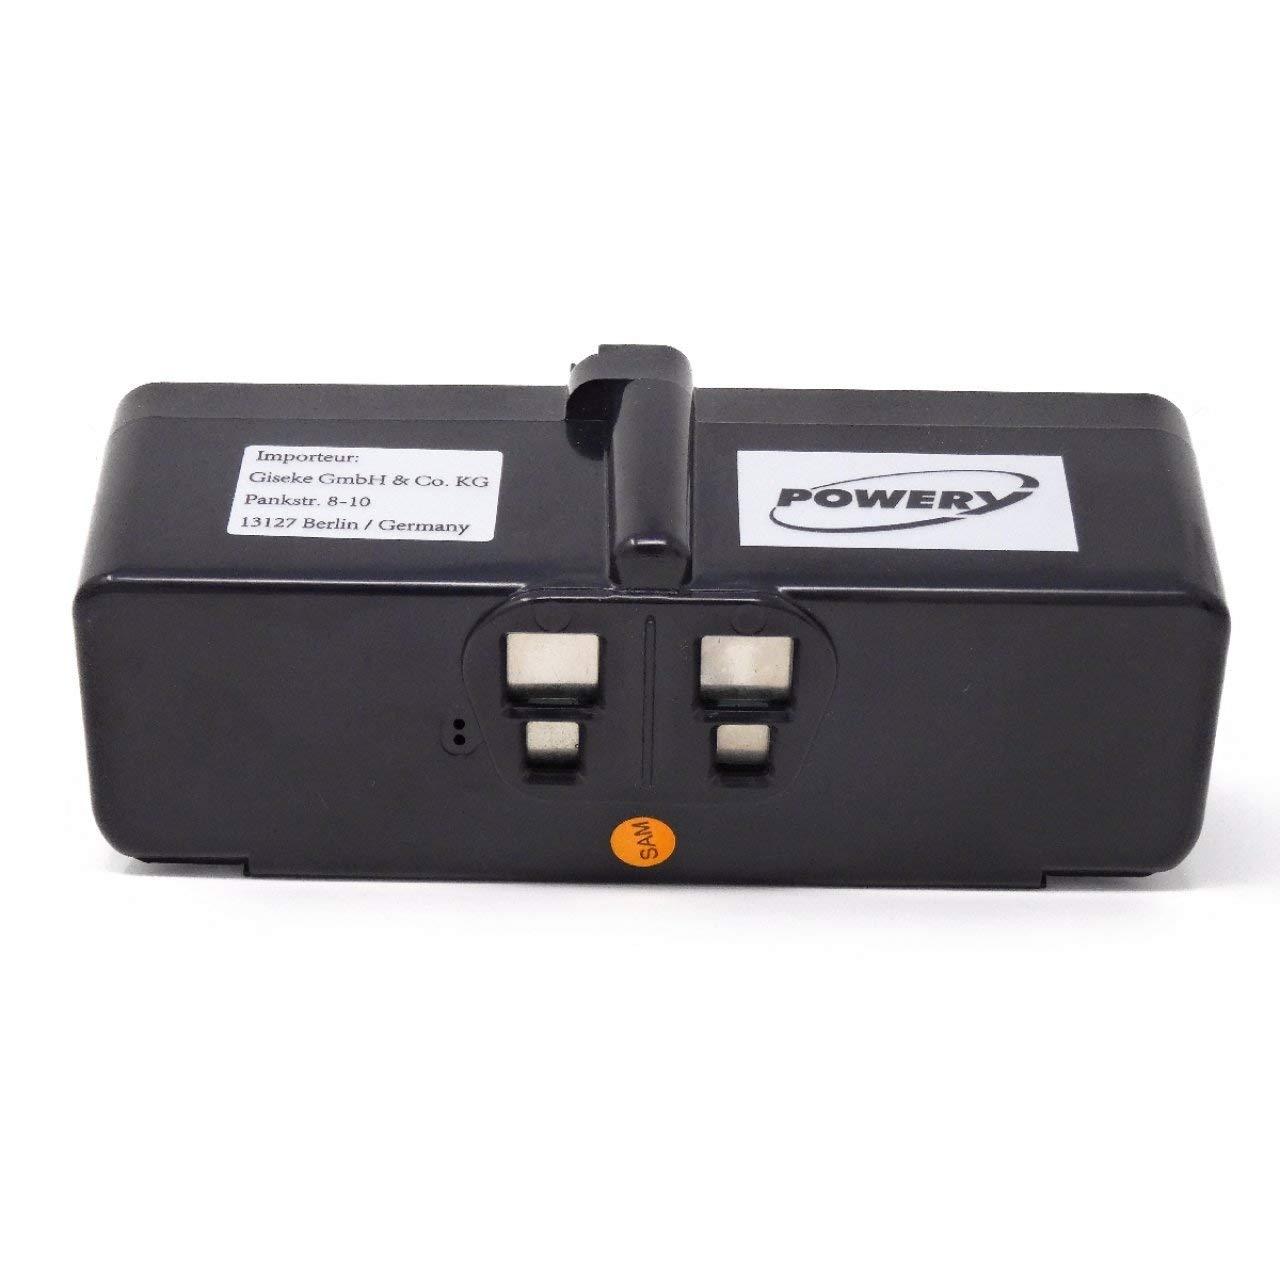 Batería para Robot Aspirador iRobot Roomba 960/980 / Modelo 4376392: Amazon.es: Electrónica